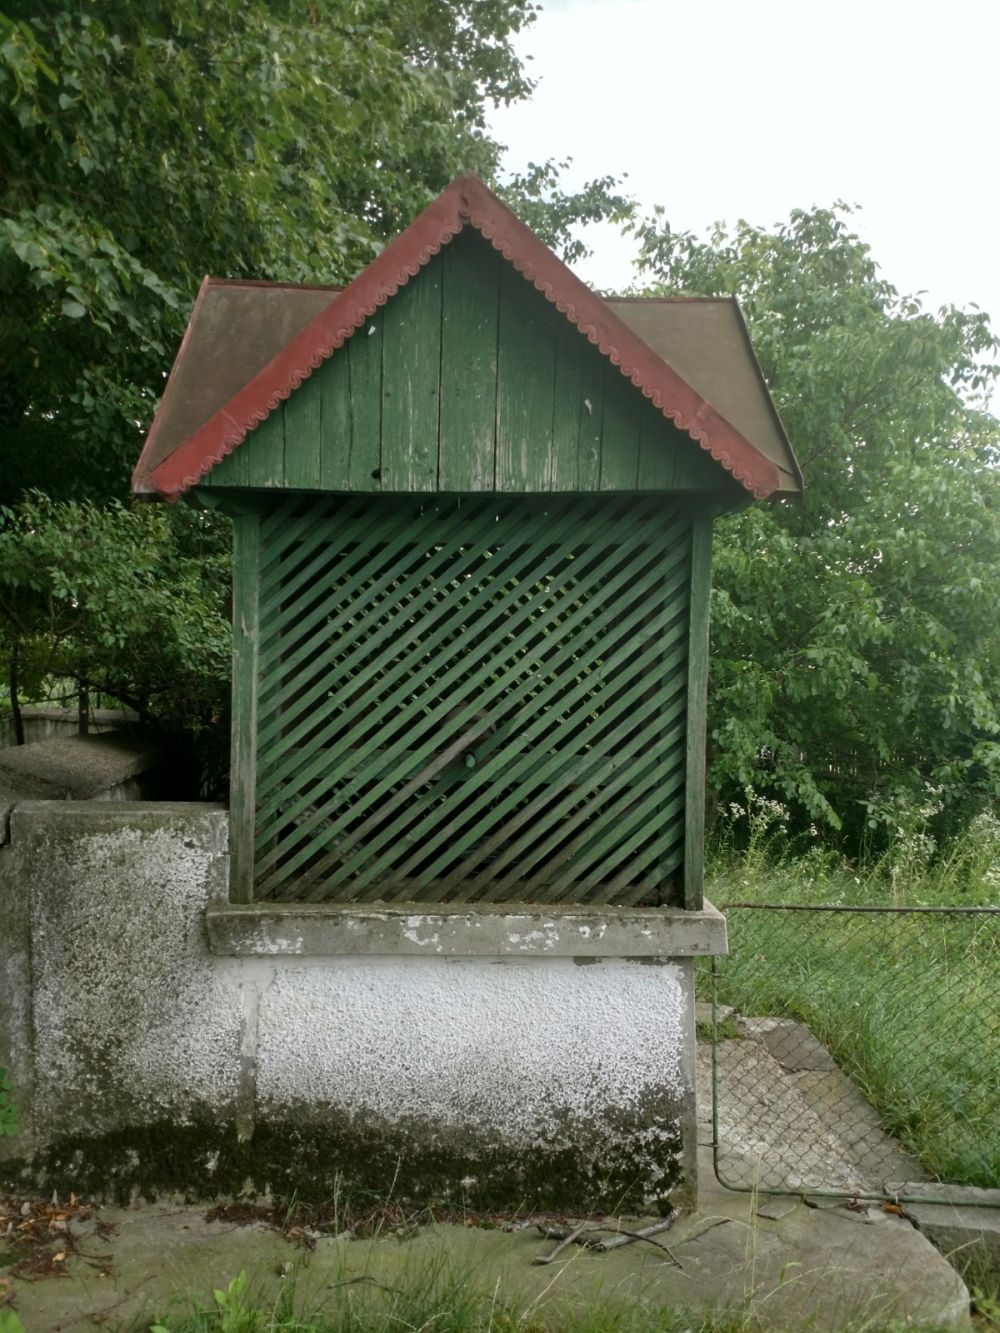 adelaparvu.com despre detalii arhitecturale de pe Valea Somuzului, Romania, Text arh Bogdan Balaban, Foto Bogdan Balaban (16)